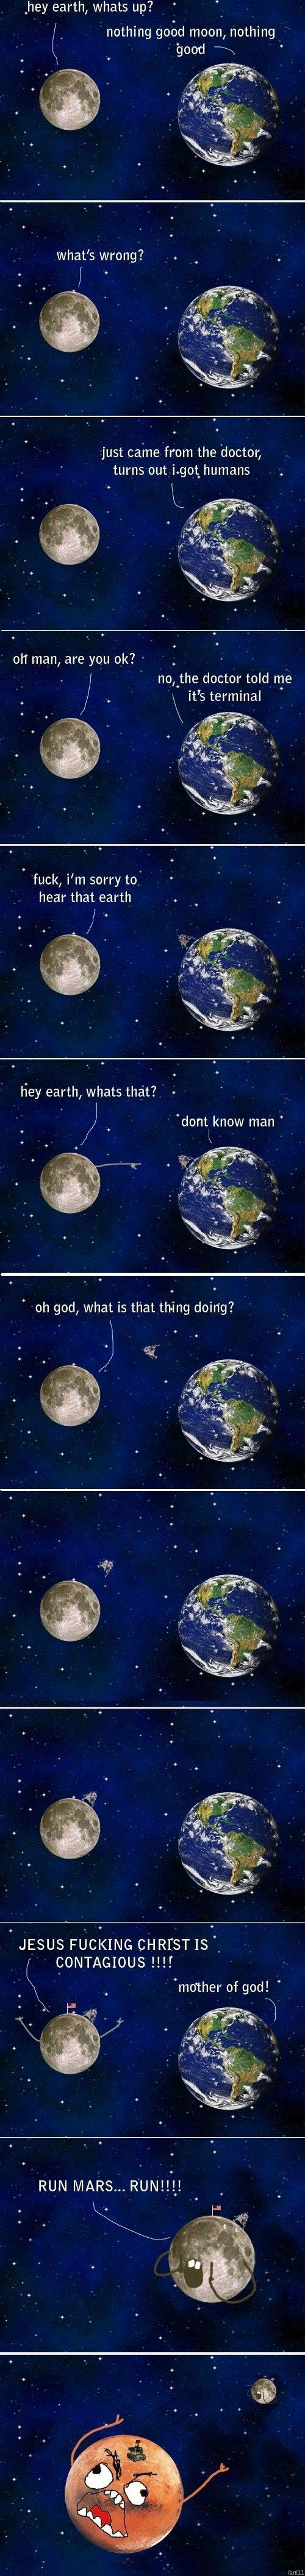 Poor, poor Earth - Imgur